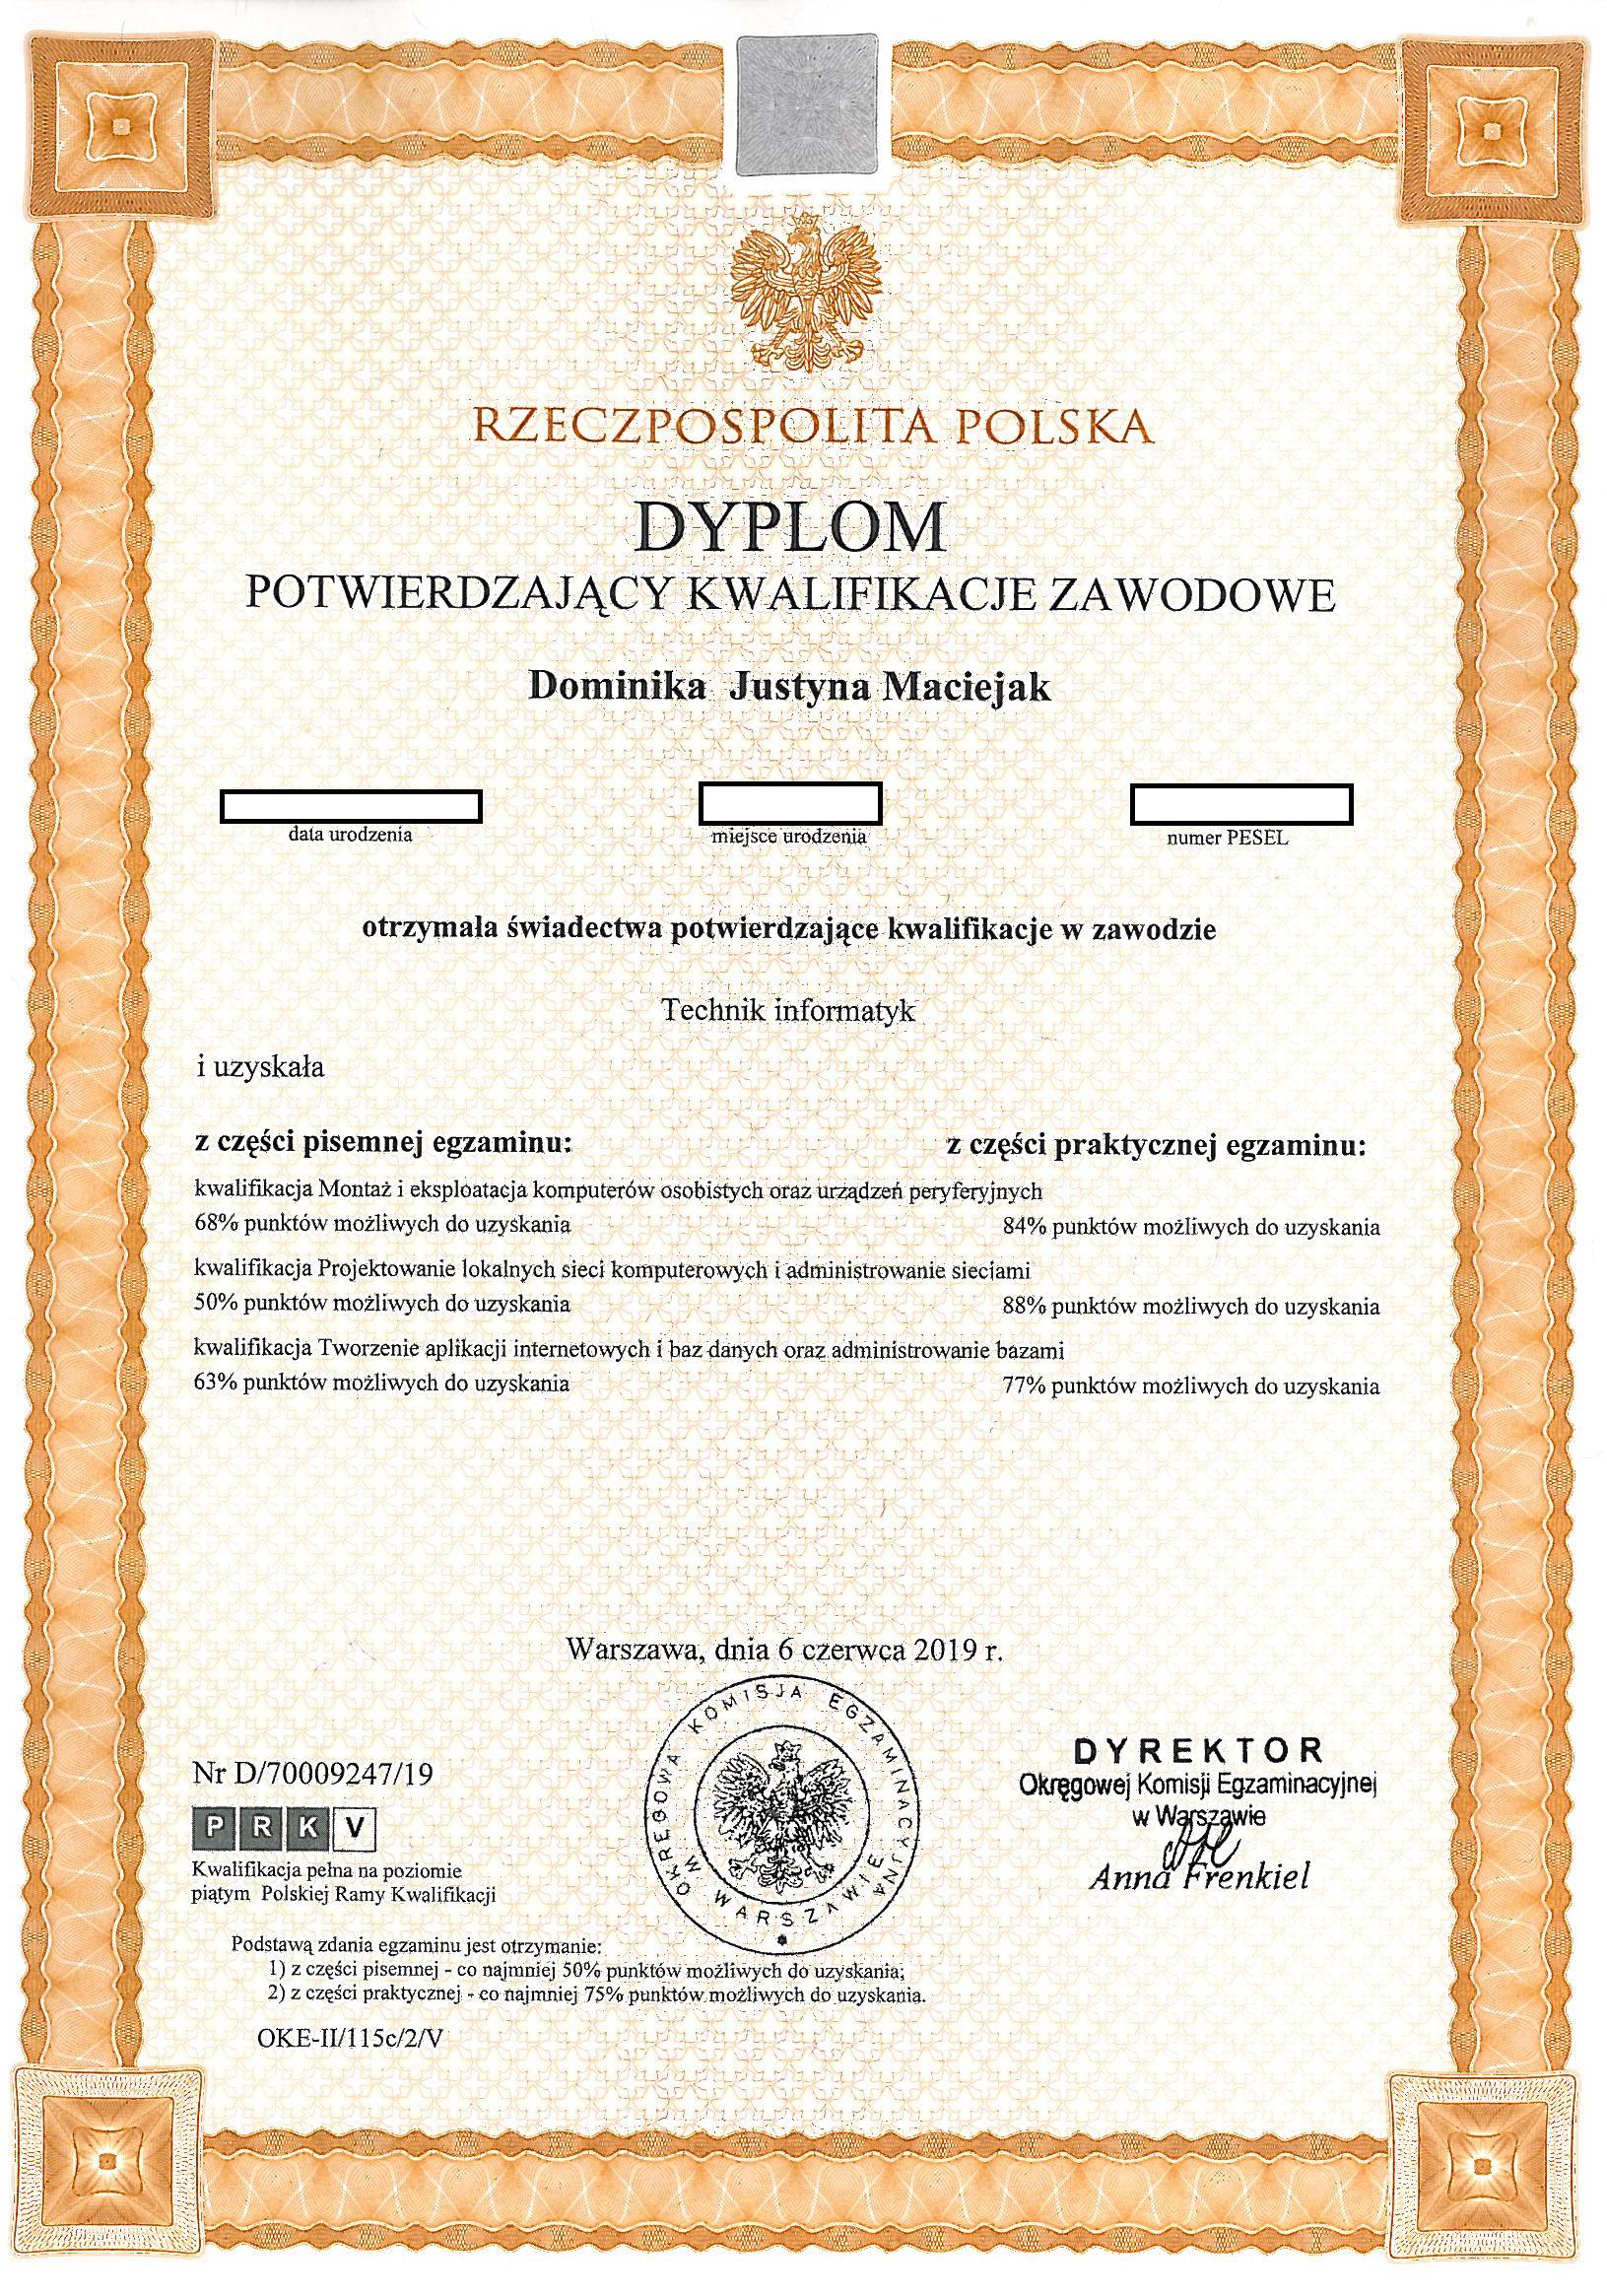 dyplom potwierdzający kwalifikacje w zawodzie